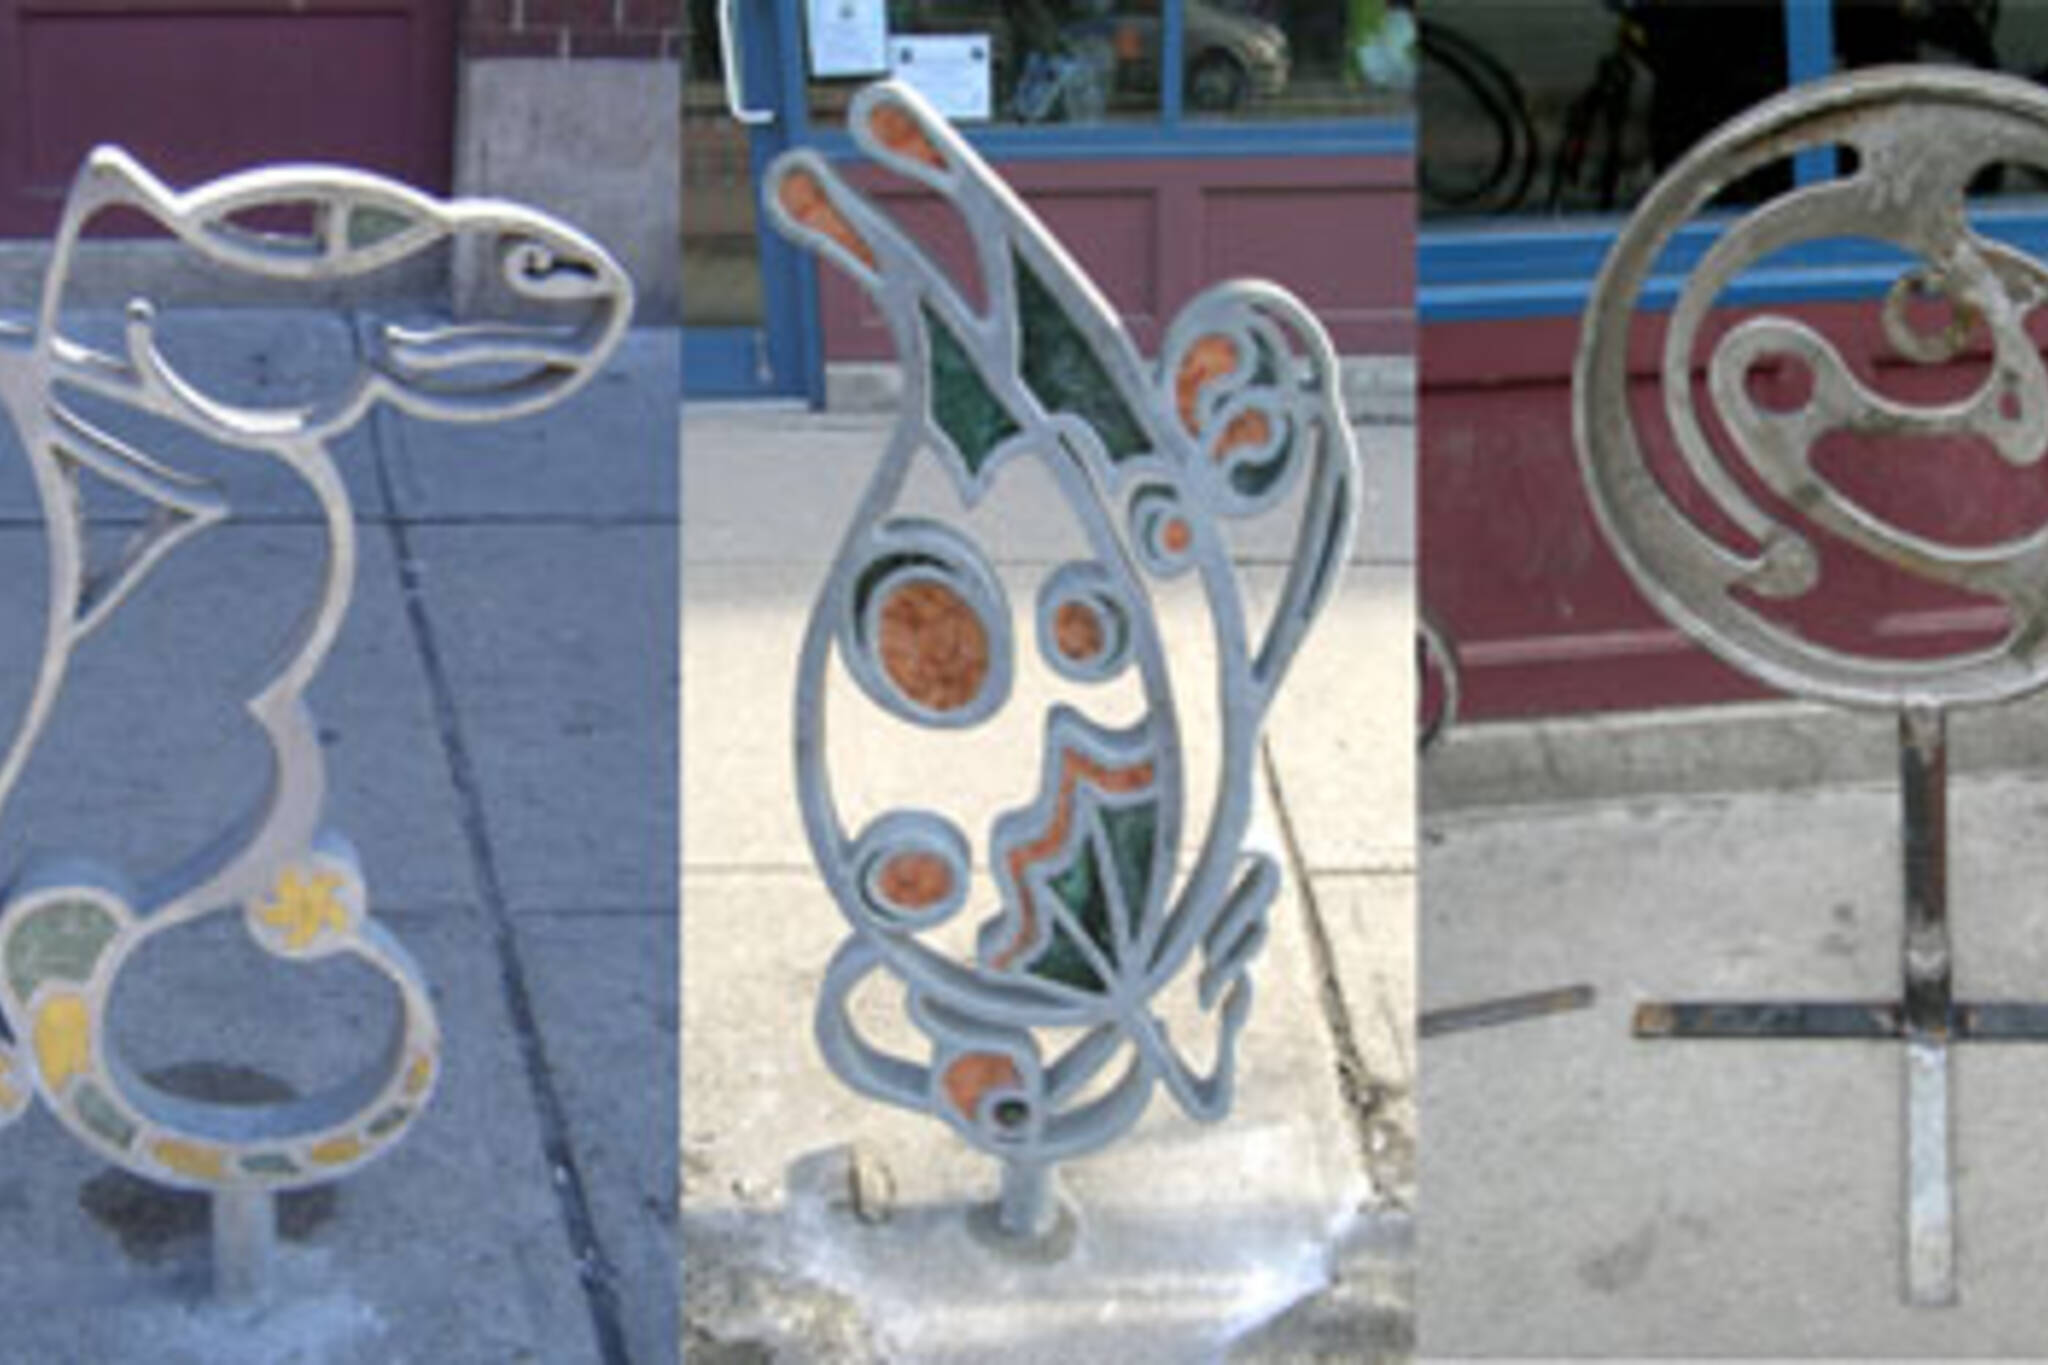 20070418_bikeracks.jpg